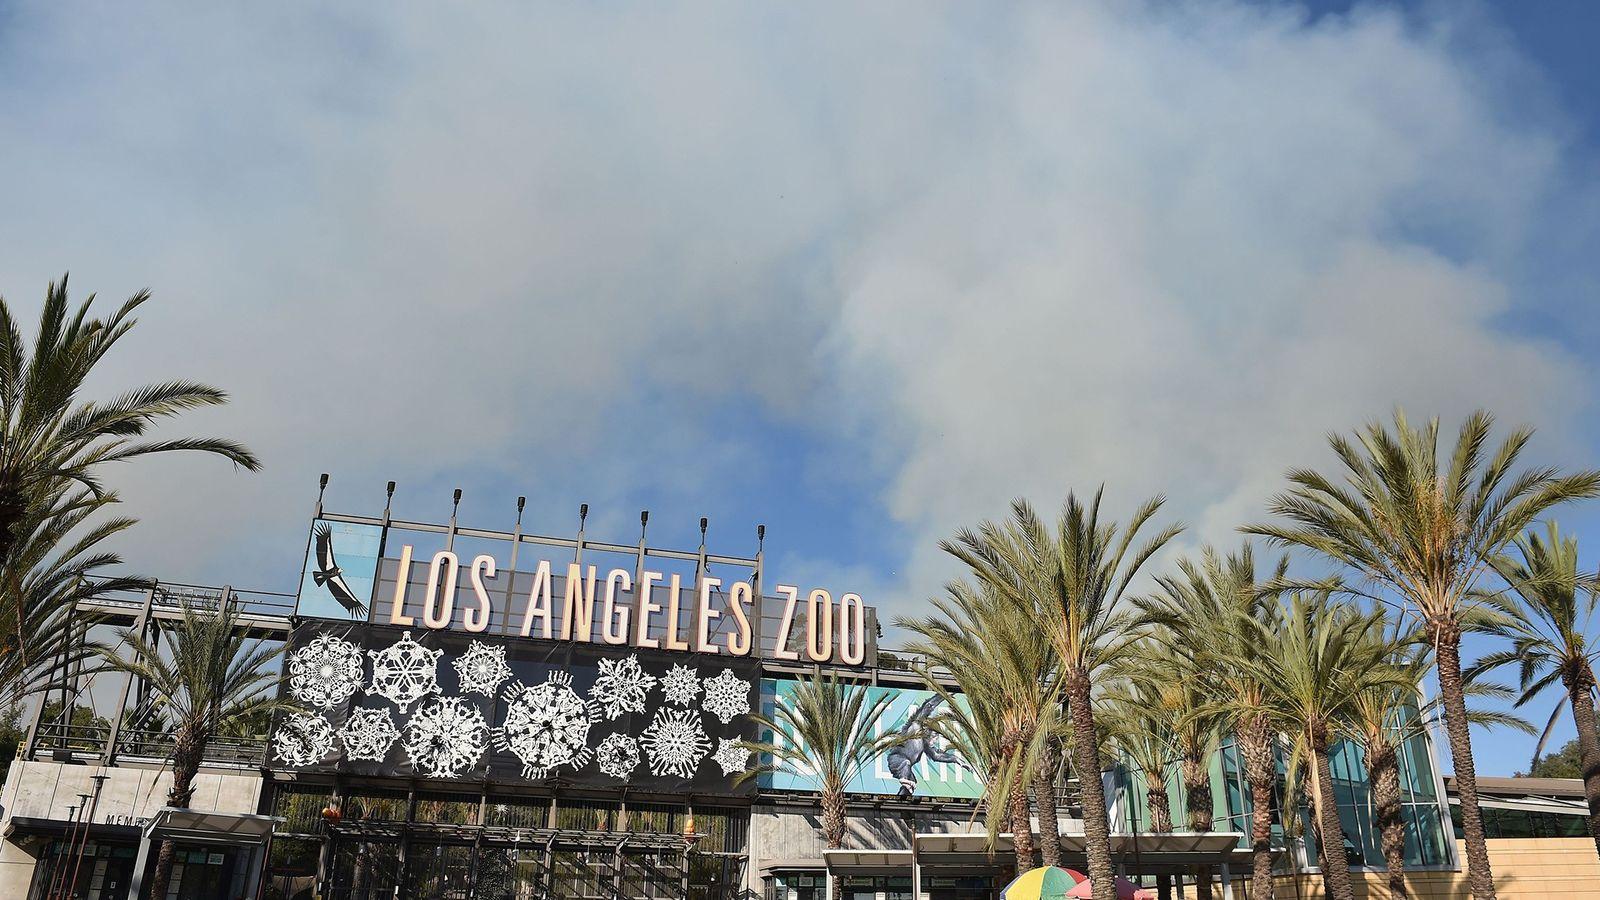 La fumée d'un incendie qui sévit à Griffith Park s'élève au-dessus du Zoo de Los Angeles, ...